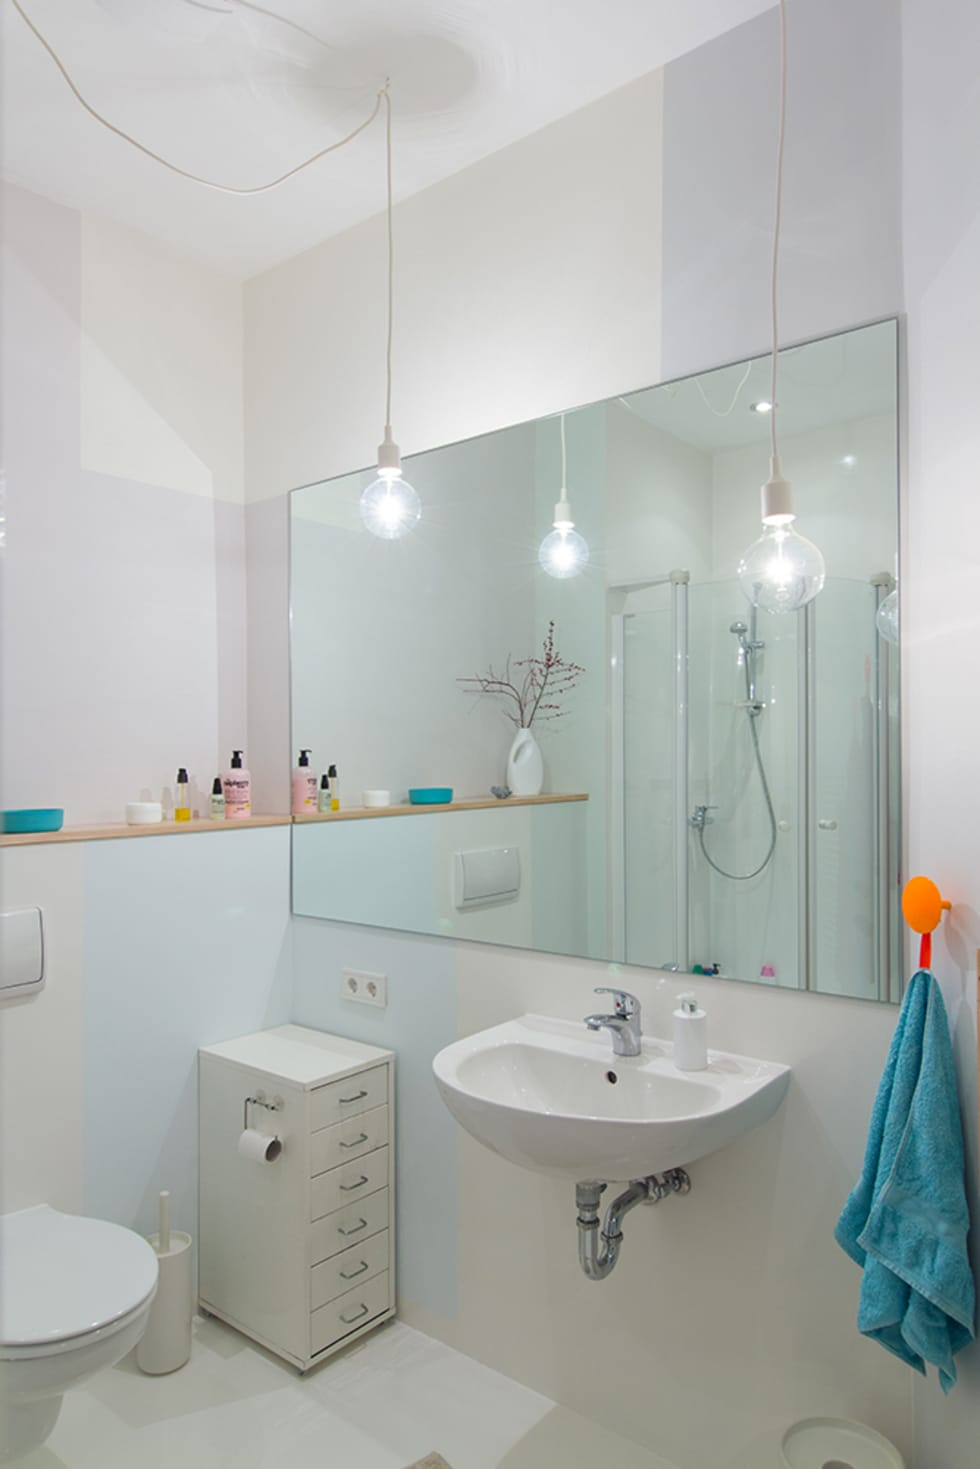 Skandinavische Badezimmer Bilder: Kinderbad Pastel | Homify Skandinavische Badezimmer